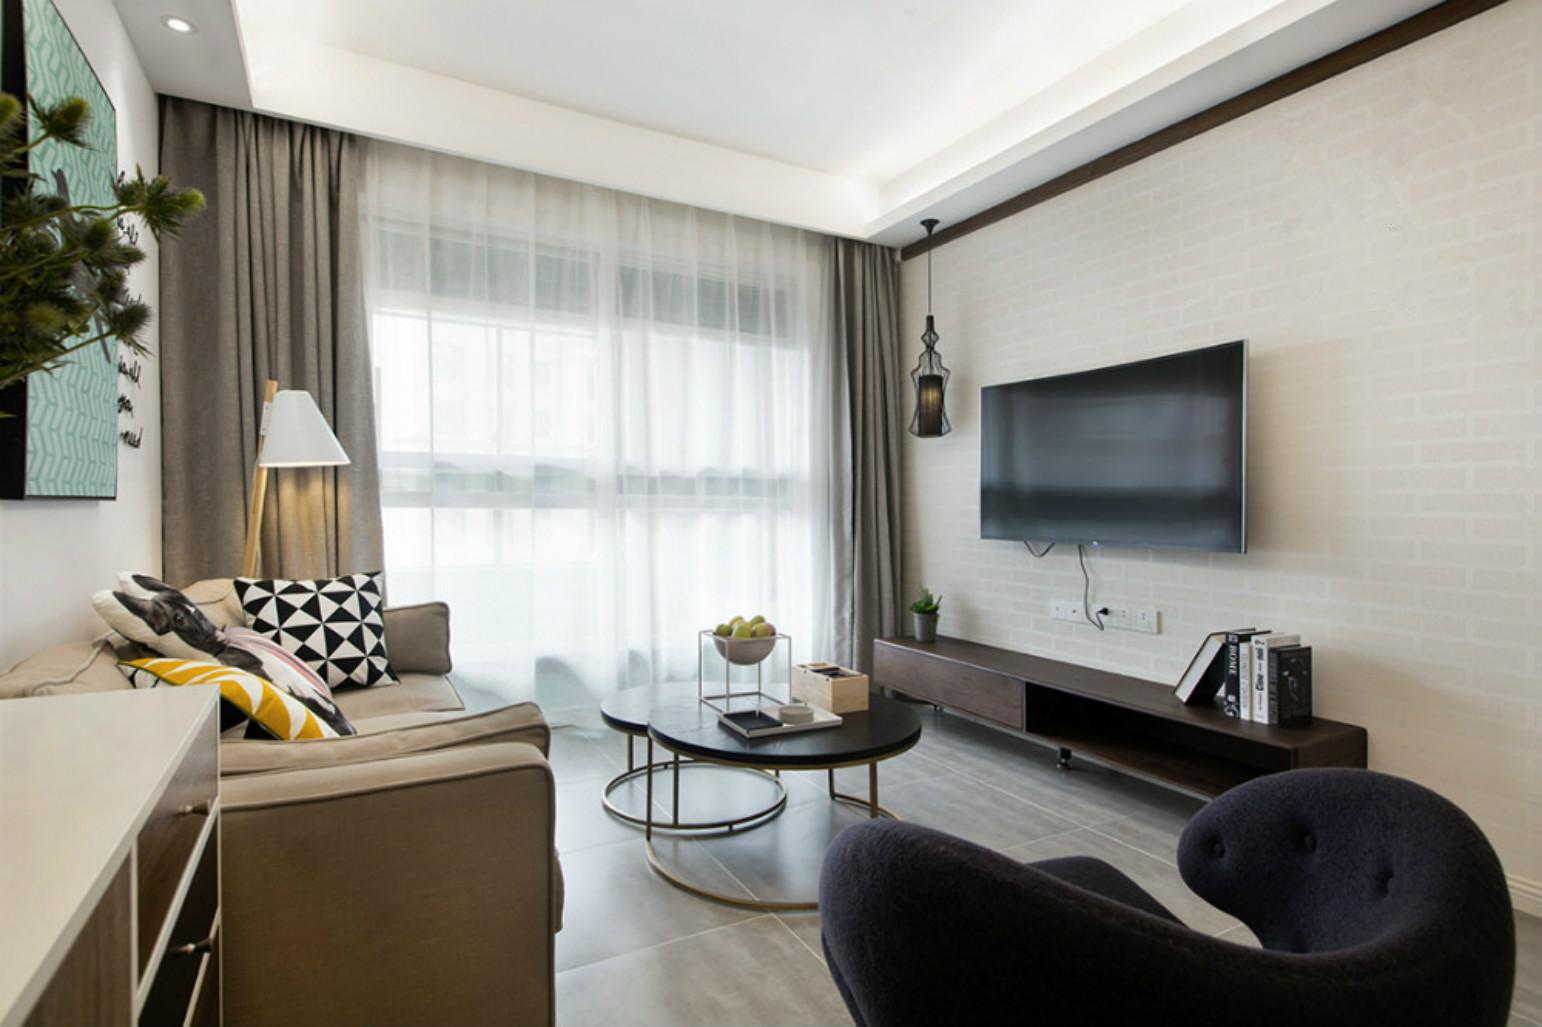 客厅以简洁为主,营造一种浪漫温馨的场所